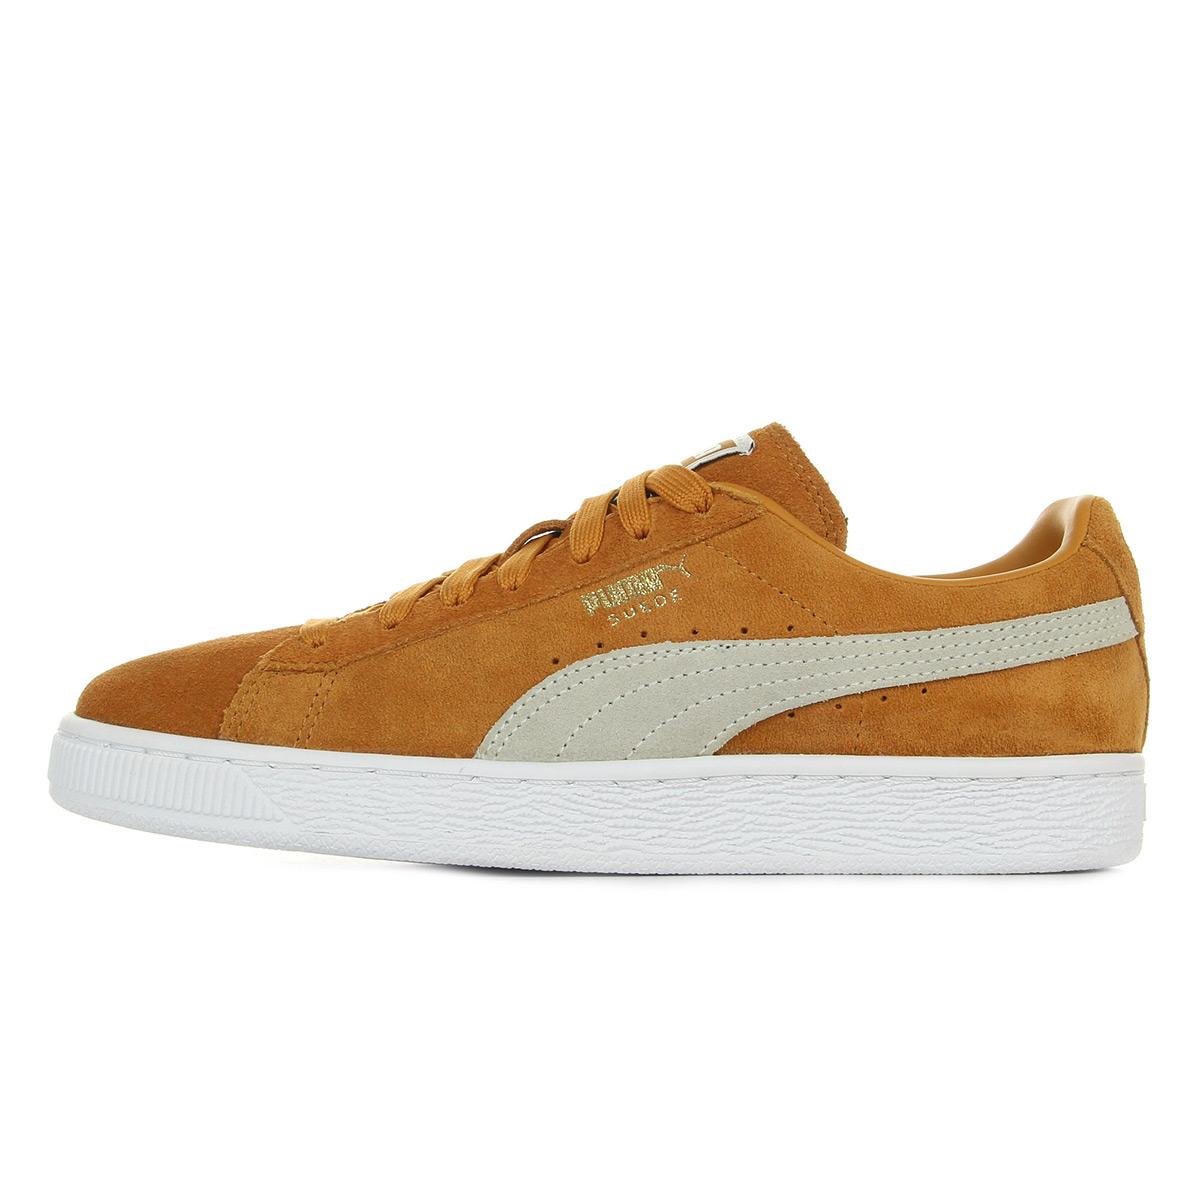 Puma Suede Classic + 36324223, Baskets mode